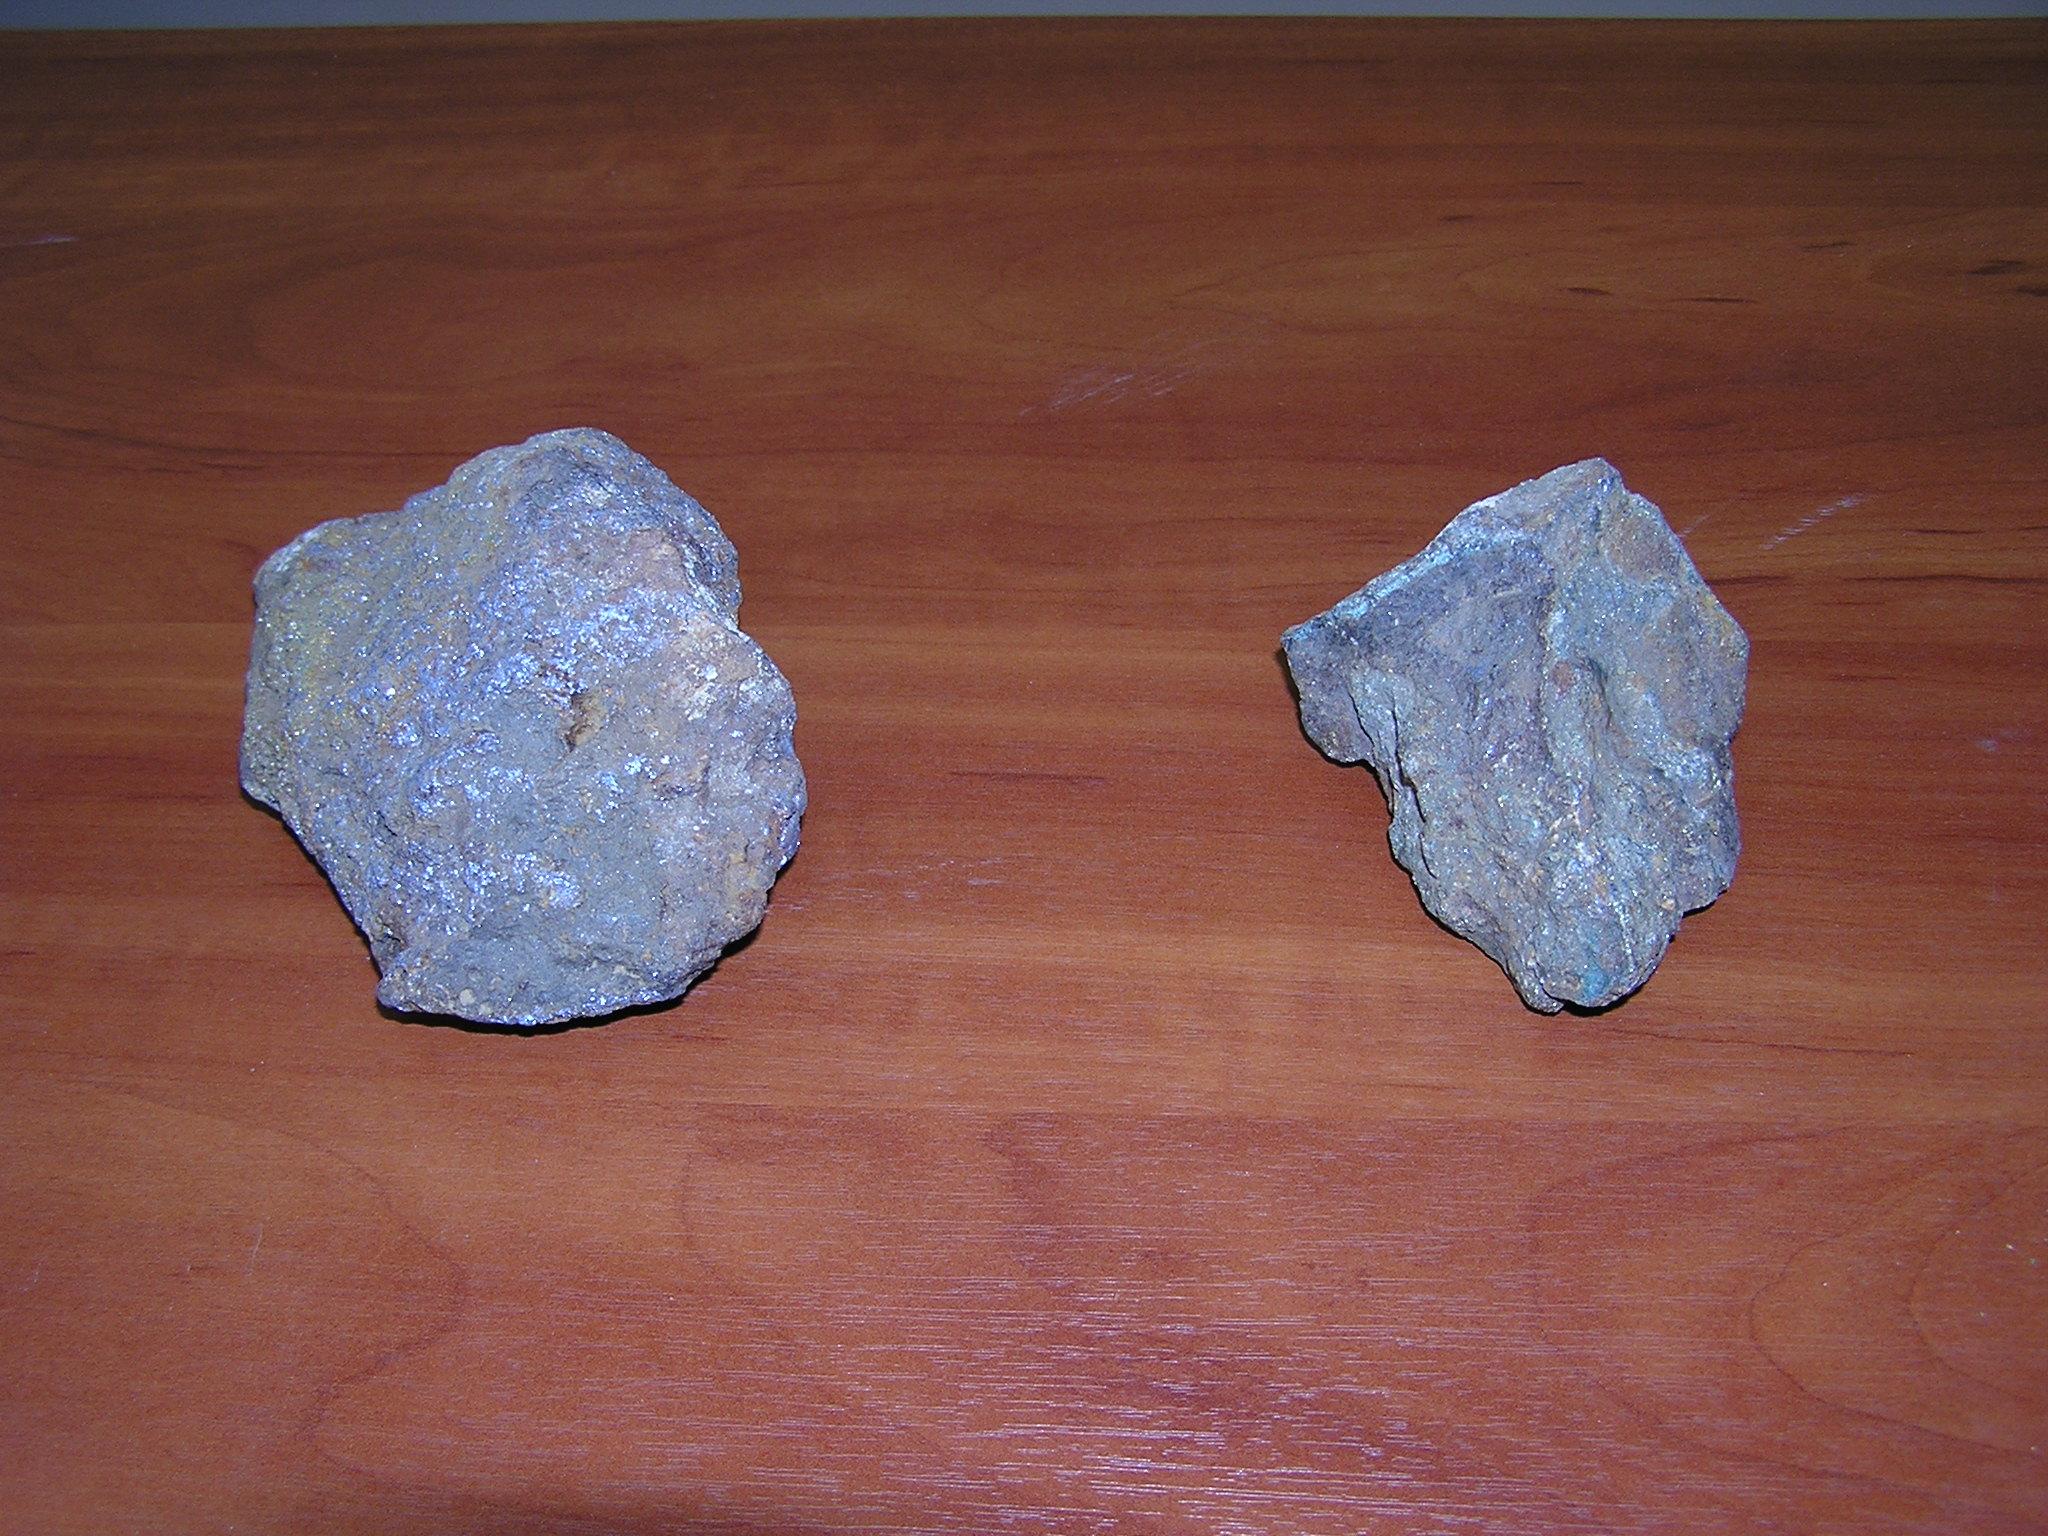 Слева - молибденит MoS2, справа - халькопирит CuFeS2. В бумажных пакетах - эти же минералы, но истертые.